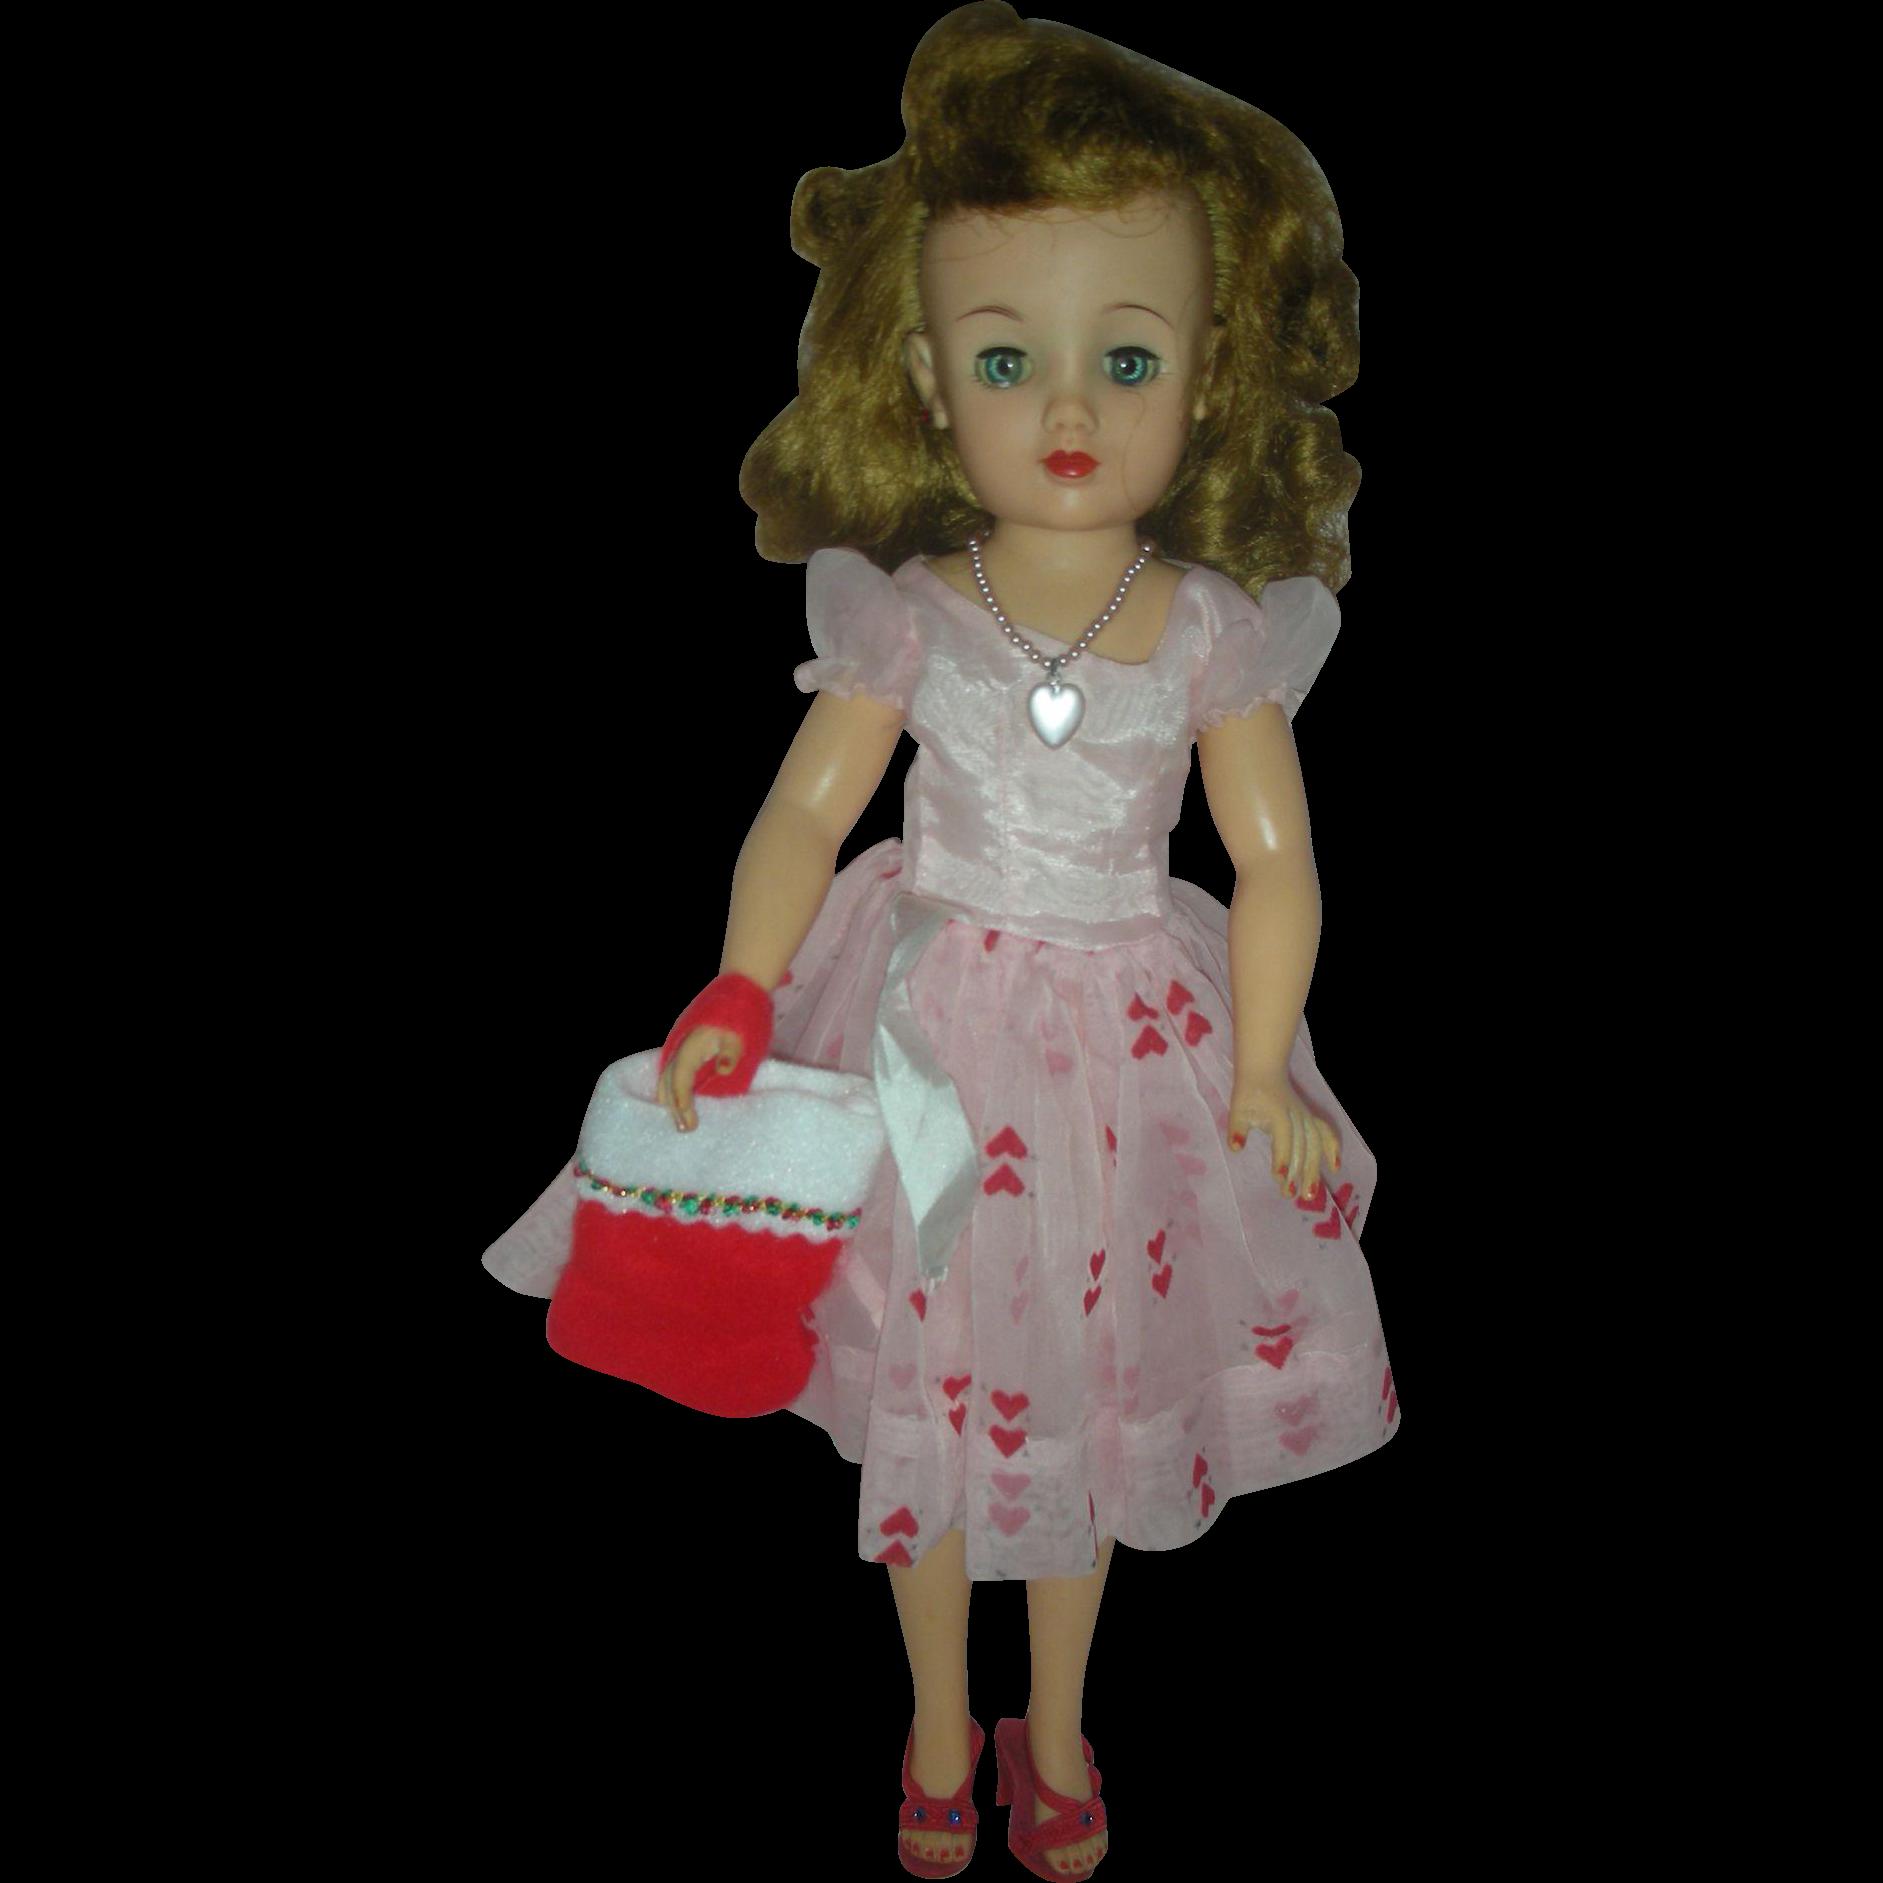 Vintage IDeal Miss Revlon Fashion Doll wearng Original Dress